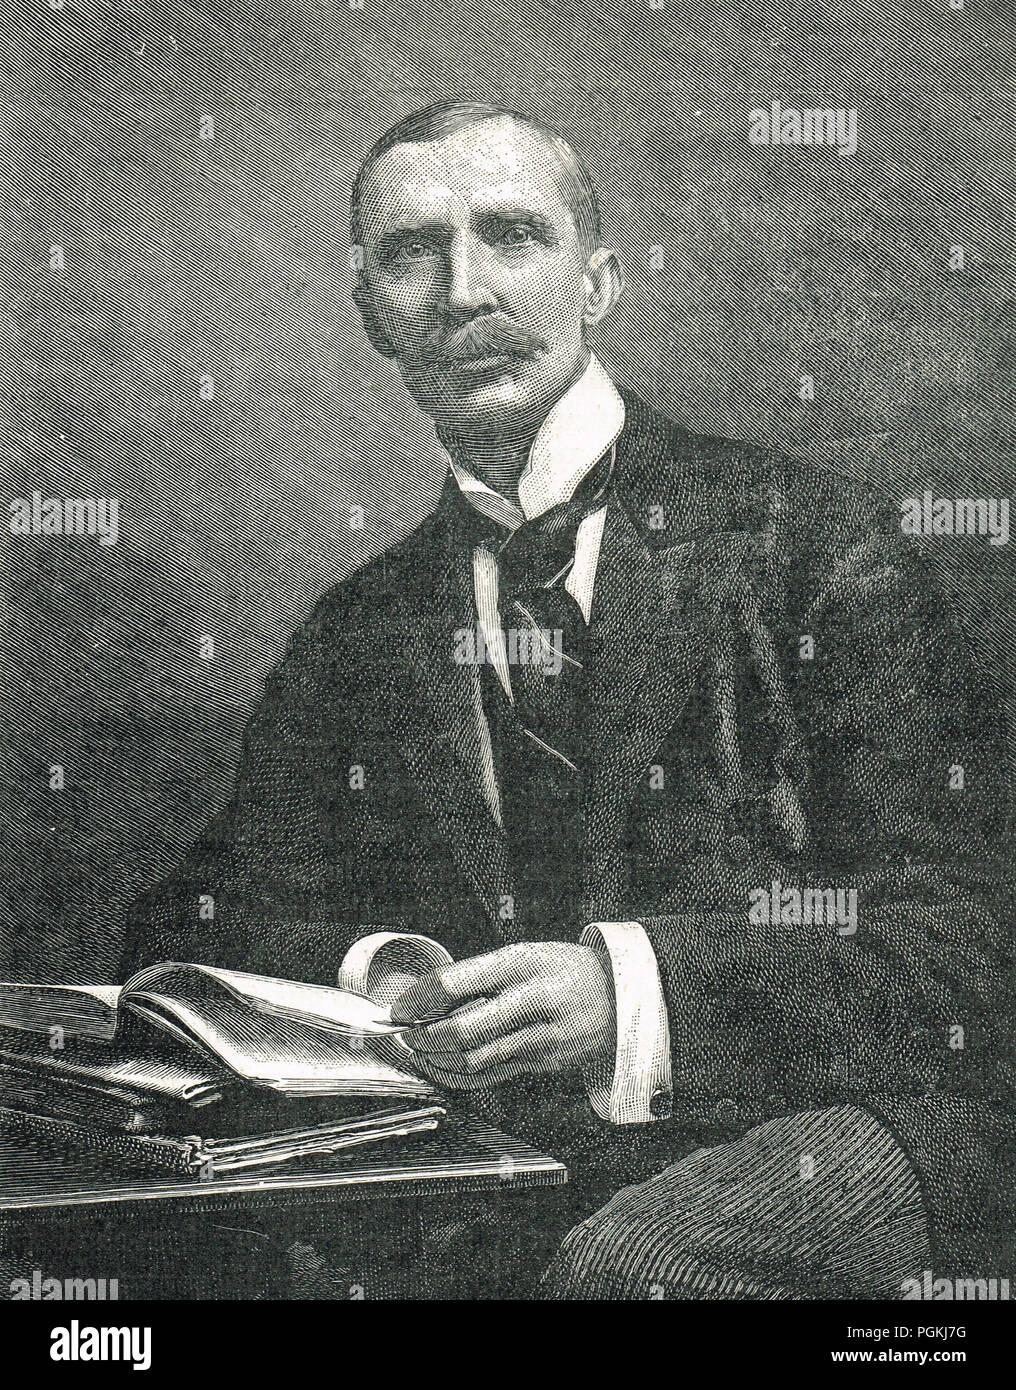 Sir George Dashwood Taubman Goldie, Manx amministratore, ha giocato un ruolo importante nella fondazione della Nigeria Immagini Stock